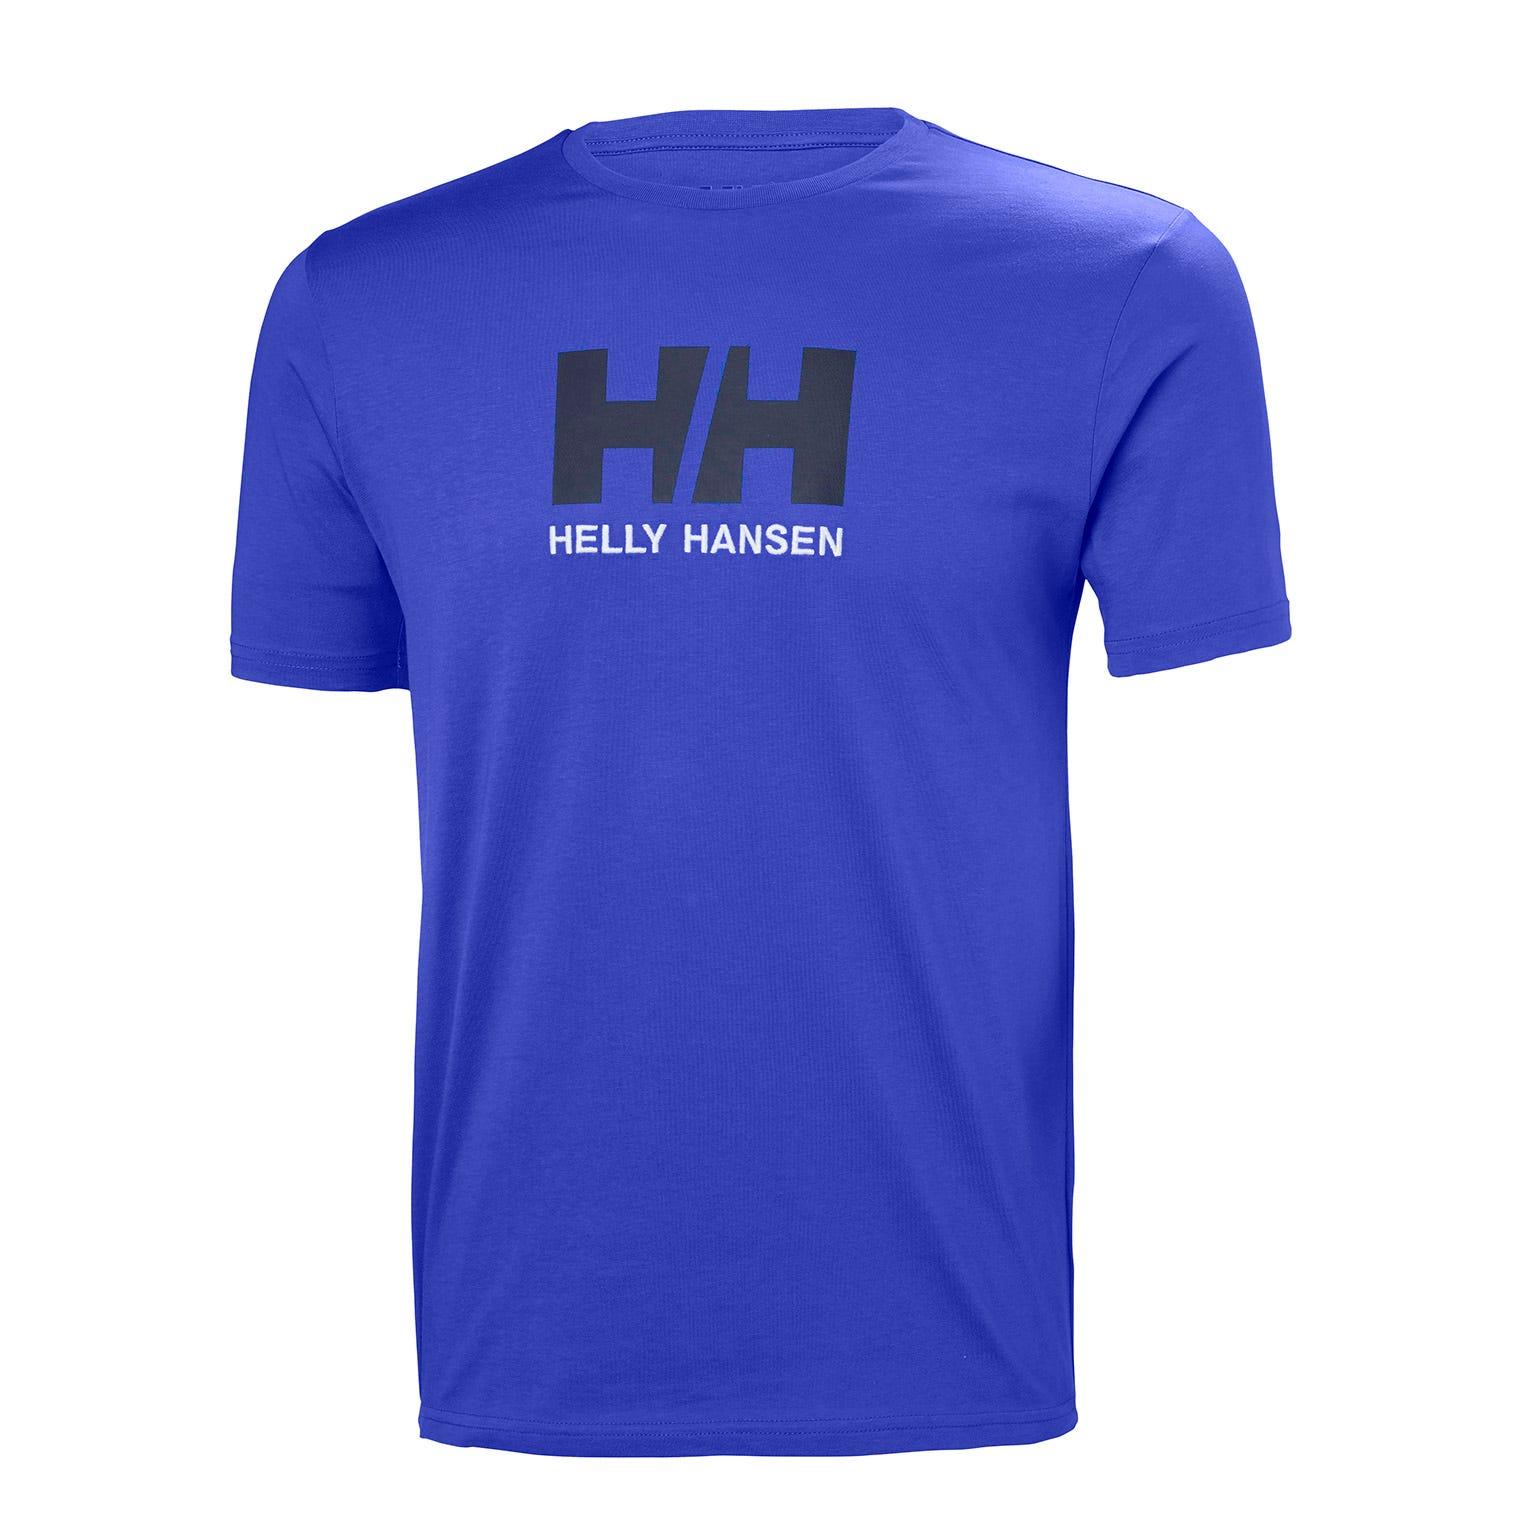 V/êtement Confectionn/é en Europe avec Le Logo sur La Poitrine Id/éal pour Tous Les Jours Helly Hansen HH Logo T-Shirt Manches Courtes en Coton pour Homme